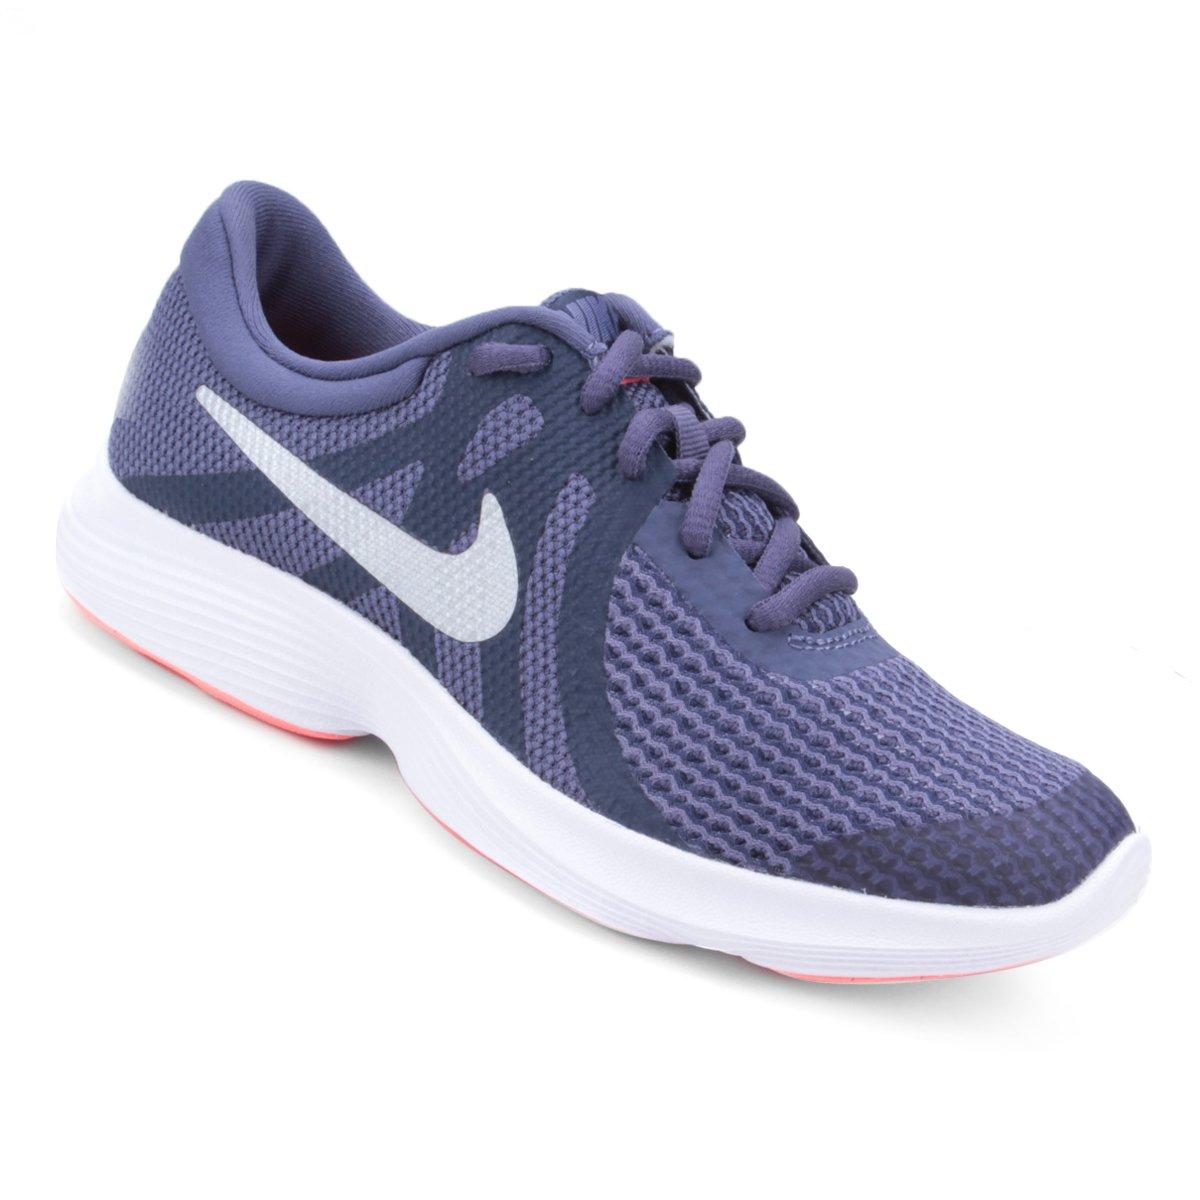 41ffa991305 Tênis Infantil Nike Revolution 4 Masculino - Roxo - Compre Agora ...